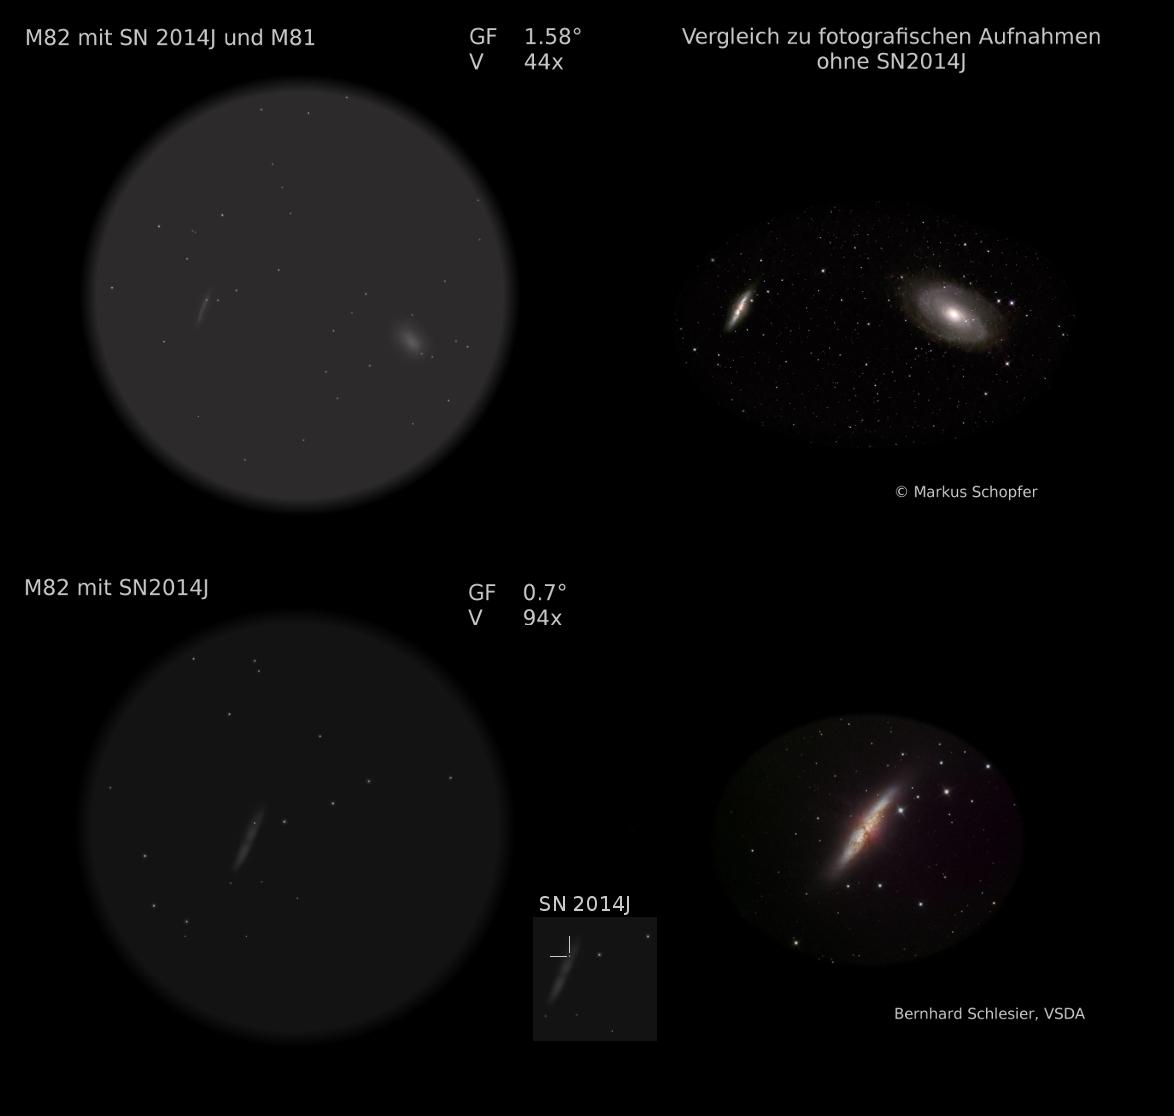 Supernova SN2014J (Vergleich Zeichung Bild)